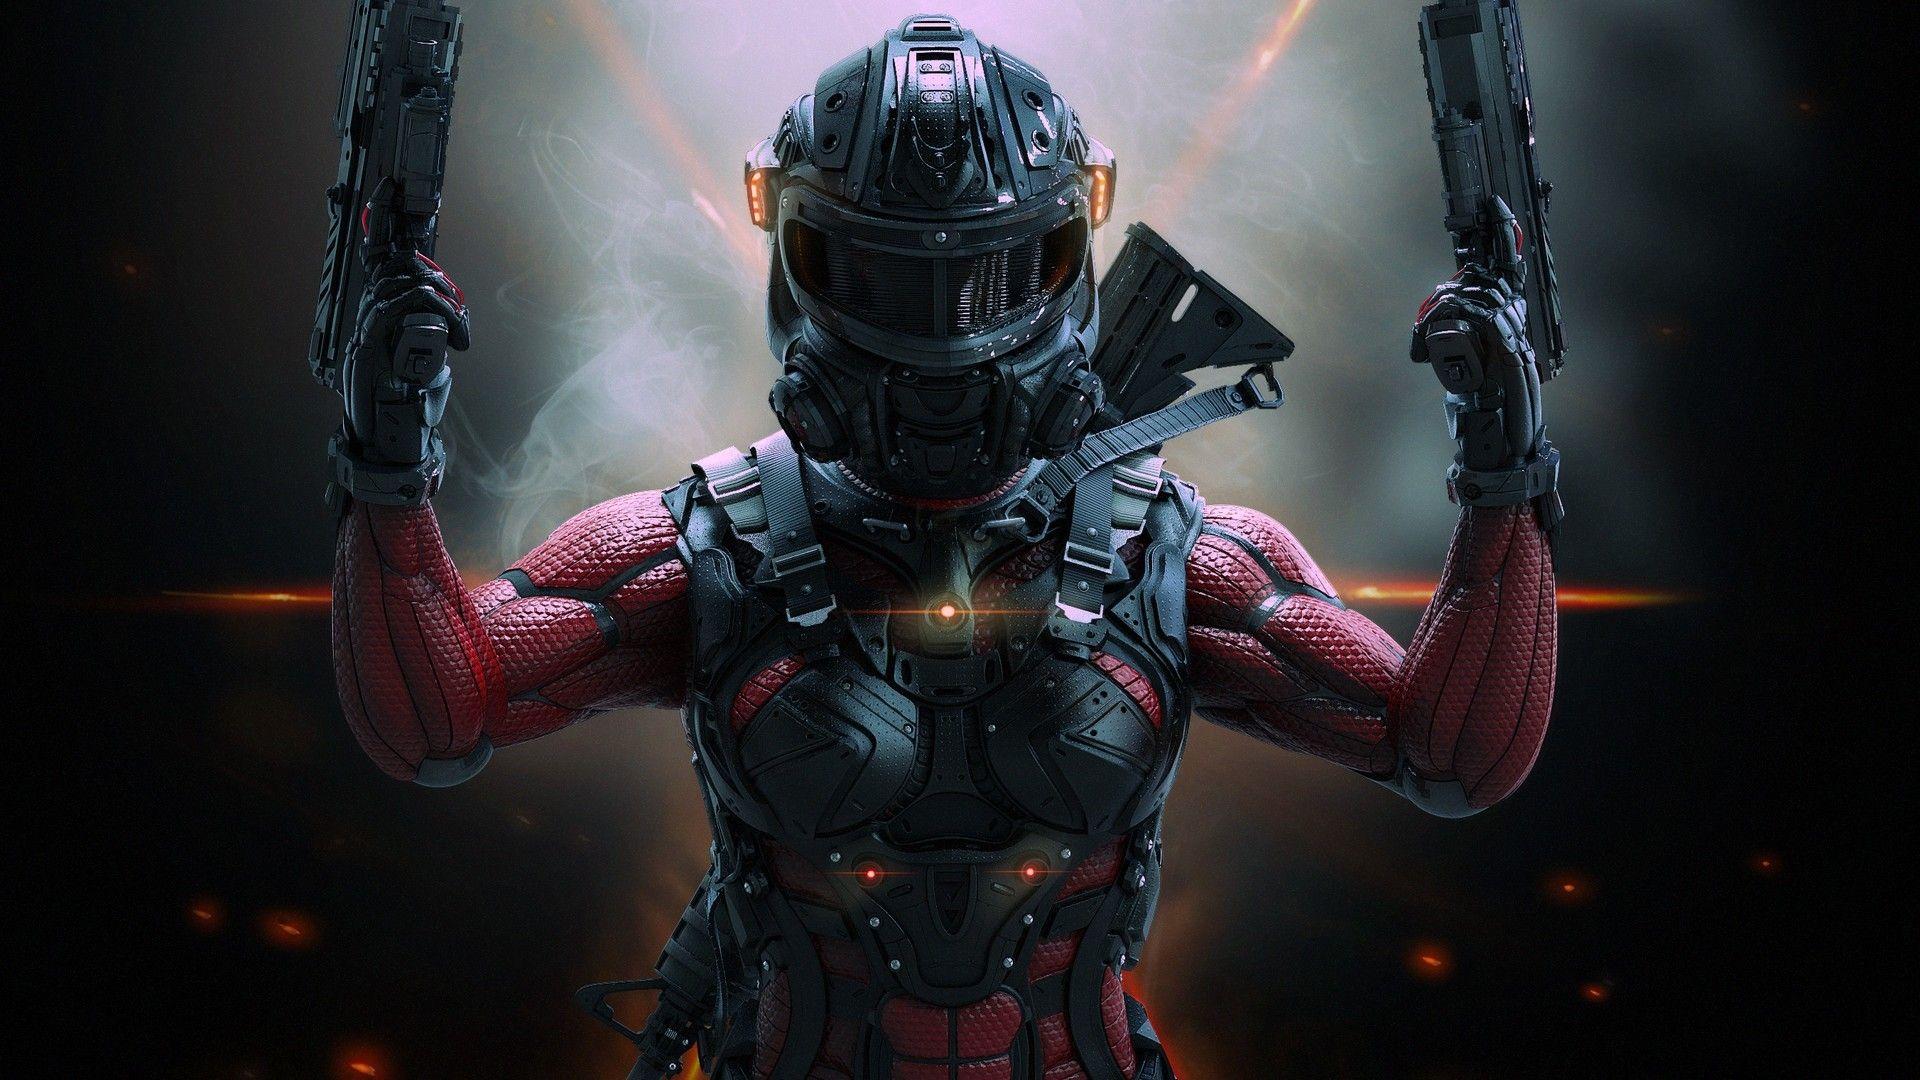 General 1920x1080 Science Fiction Soldier Women Artwork Fantasy Fighter Sci Fi Cyberpunk Character Hd wallpaper sci fi soldier helmet